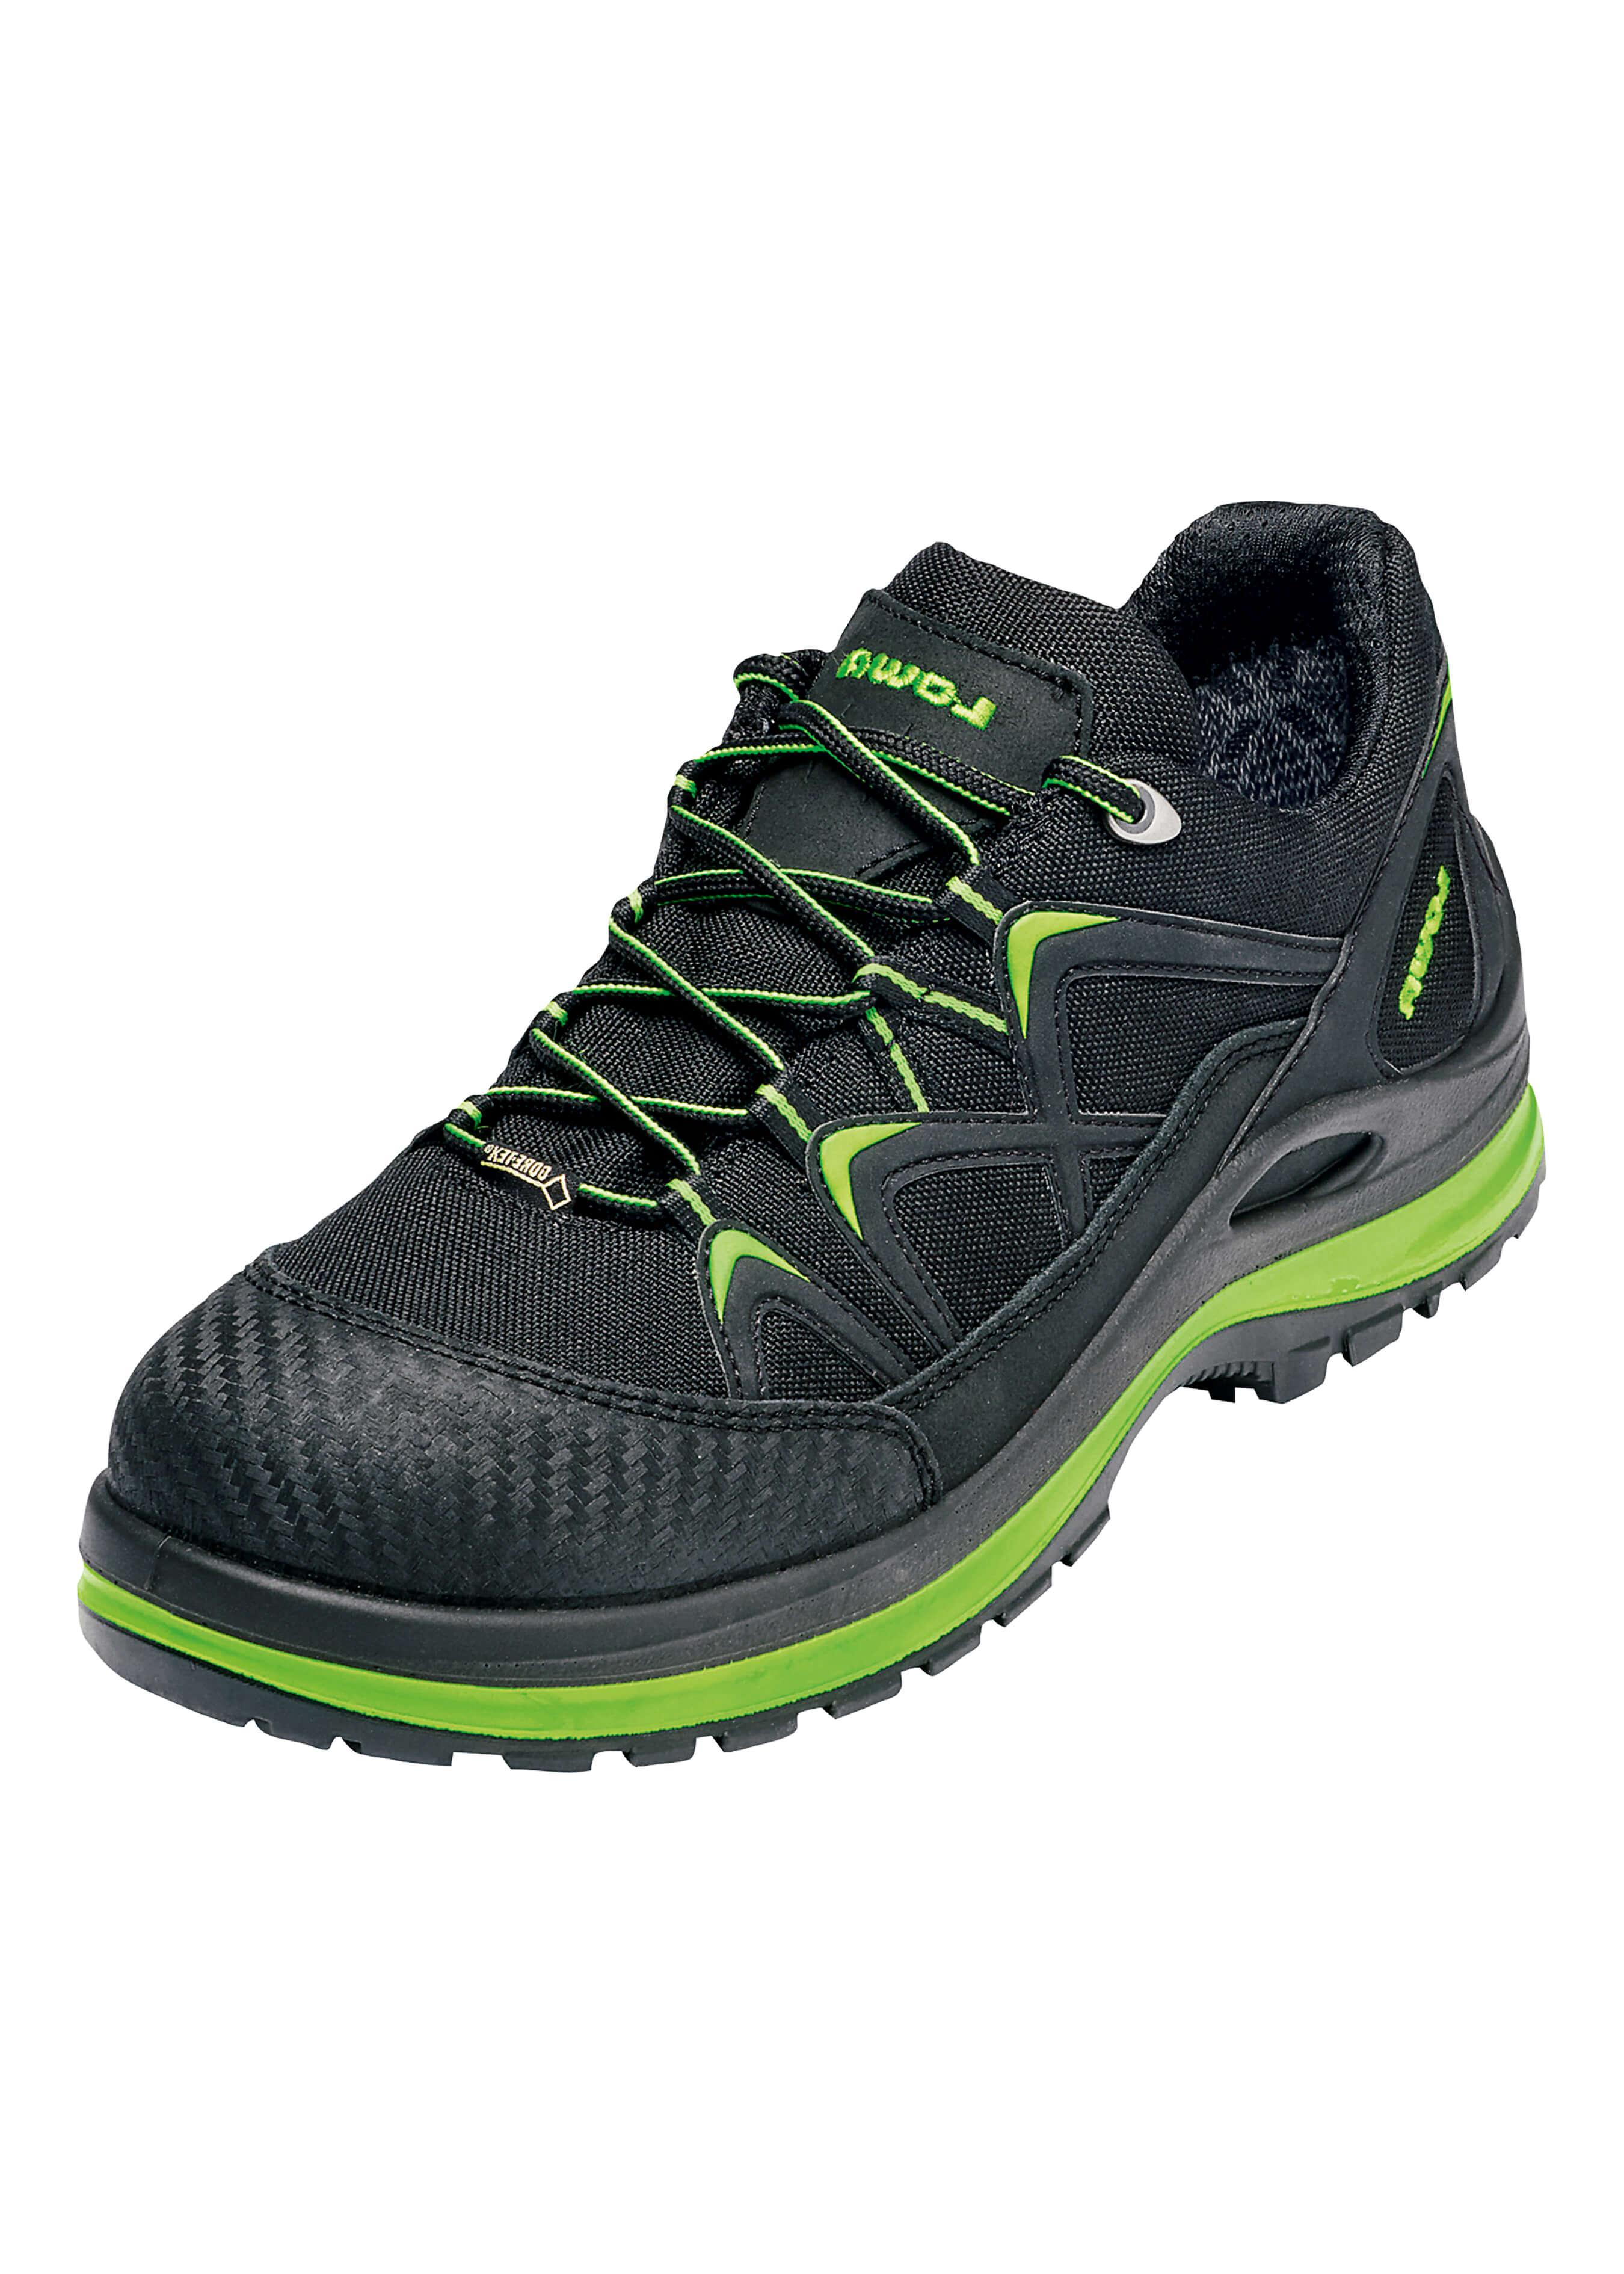 Chaussure base de sécurité Innox Work S3 SRC 40611036 1